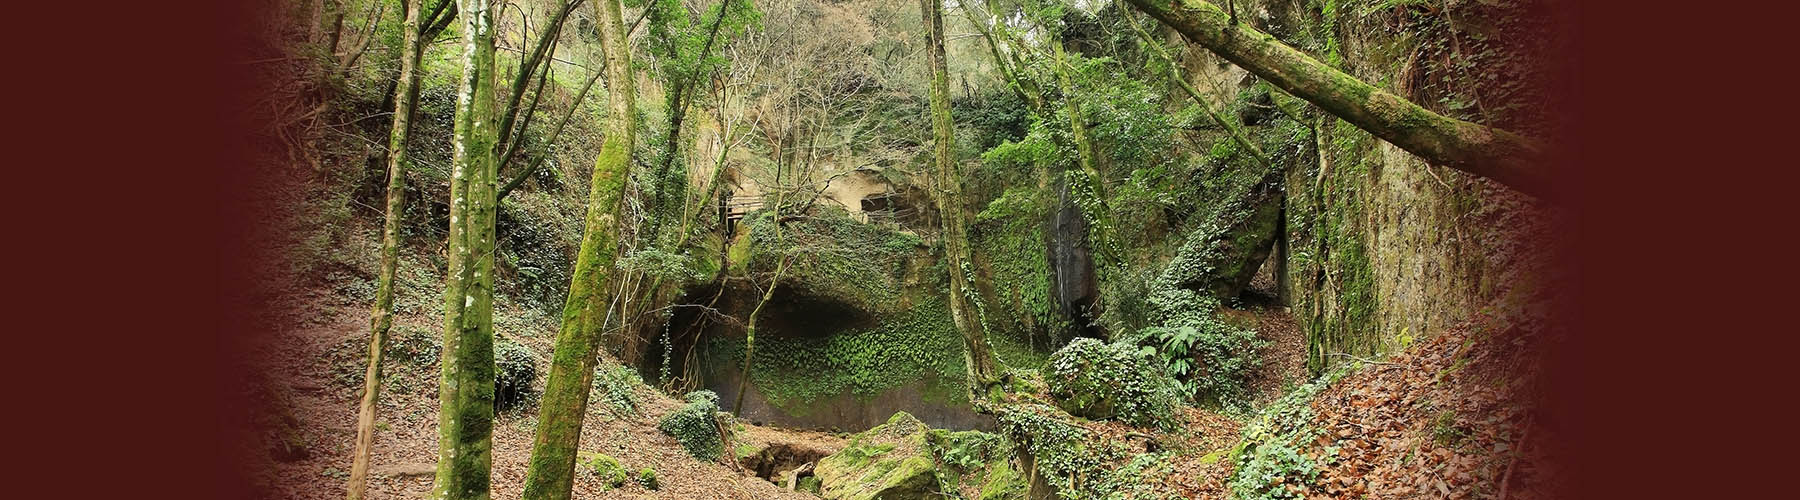 Romitorio di Poggio Conte – immersione nella foresta.